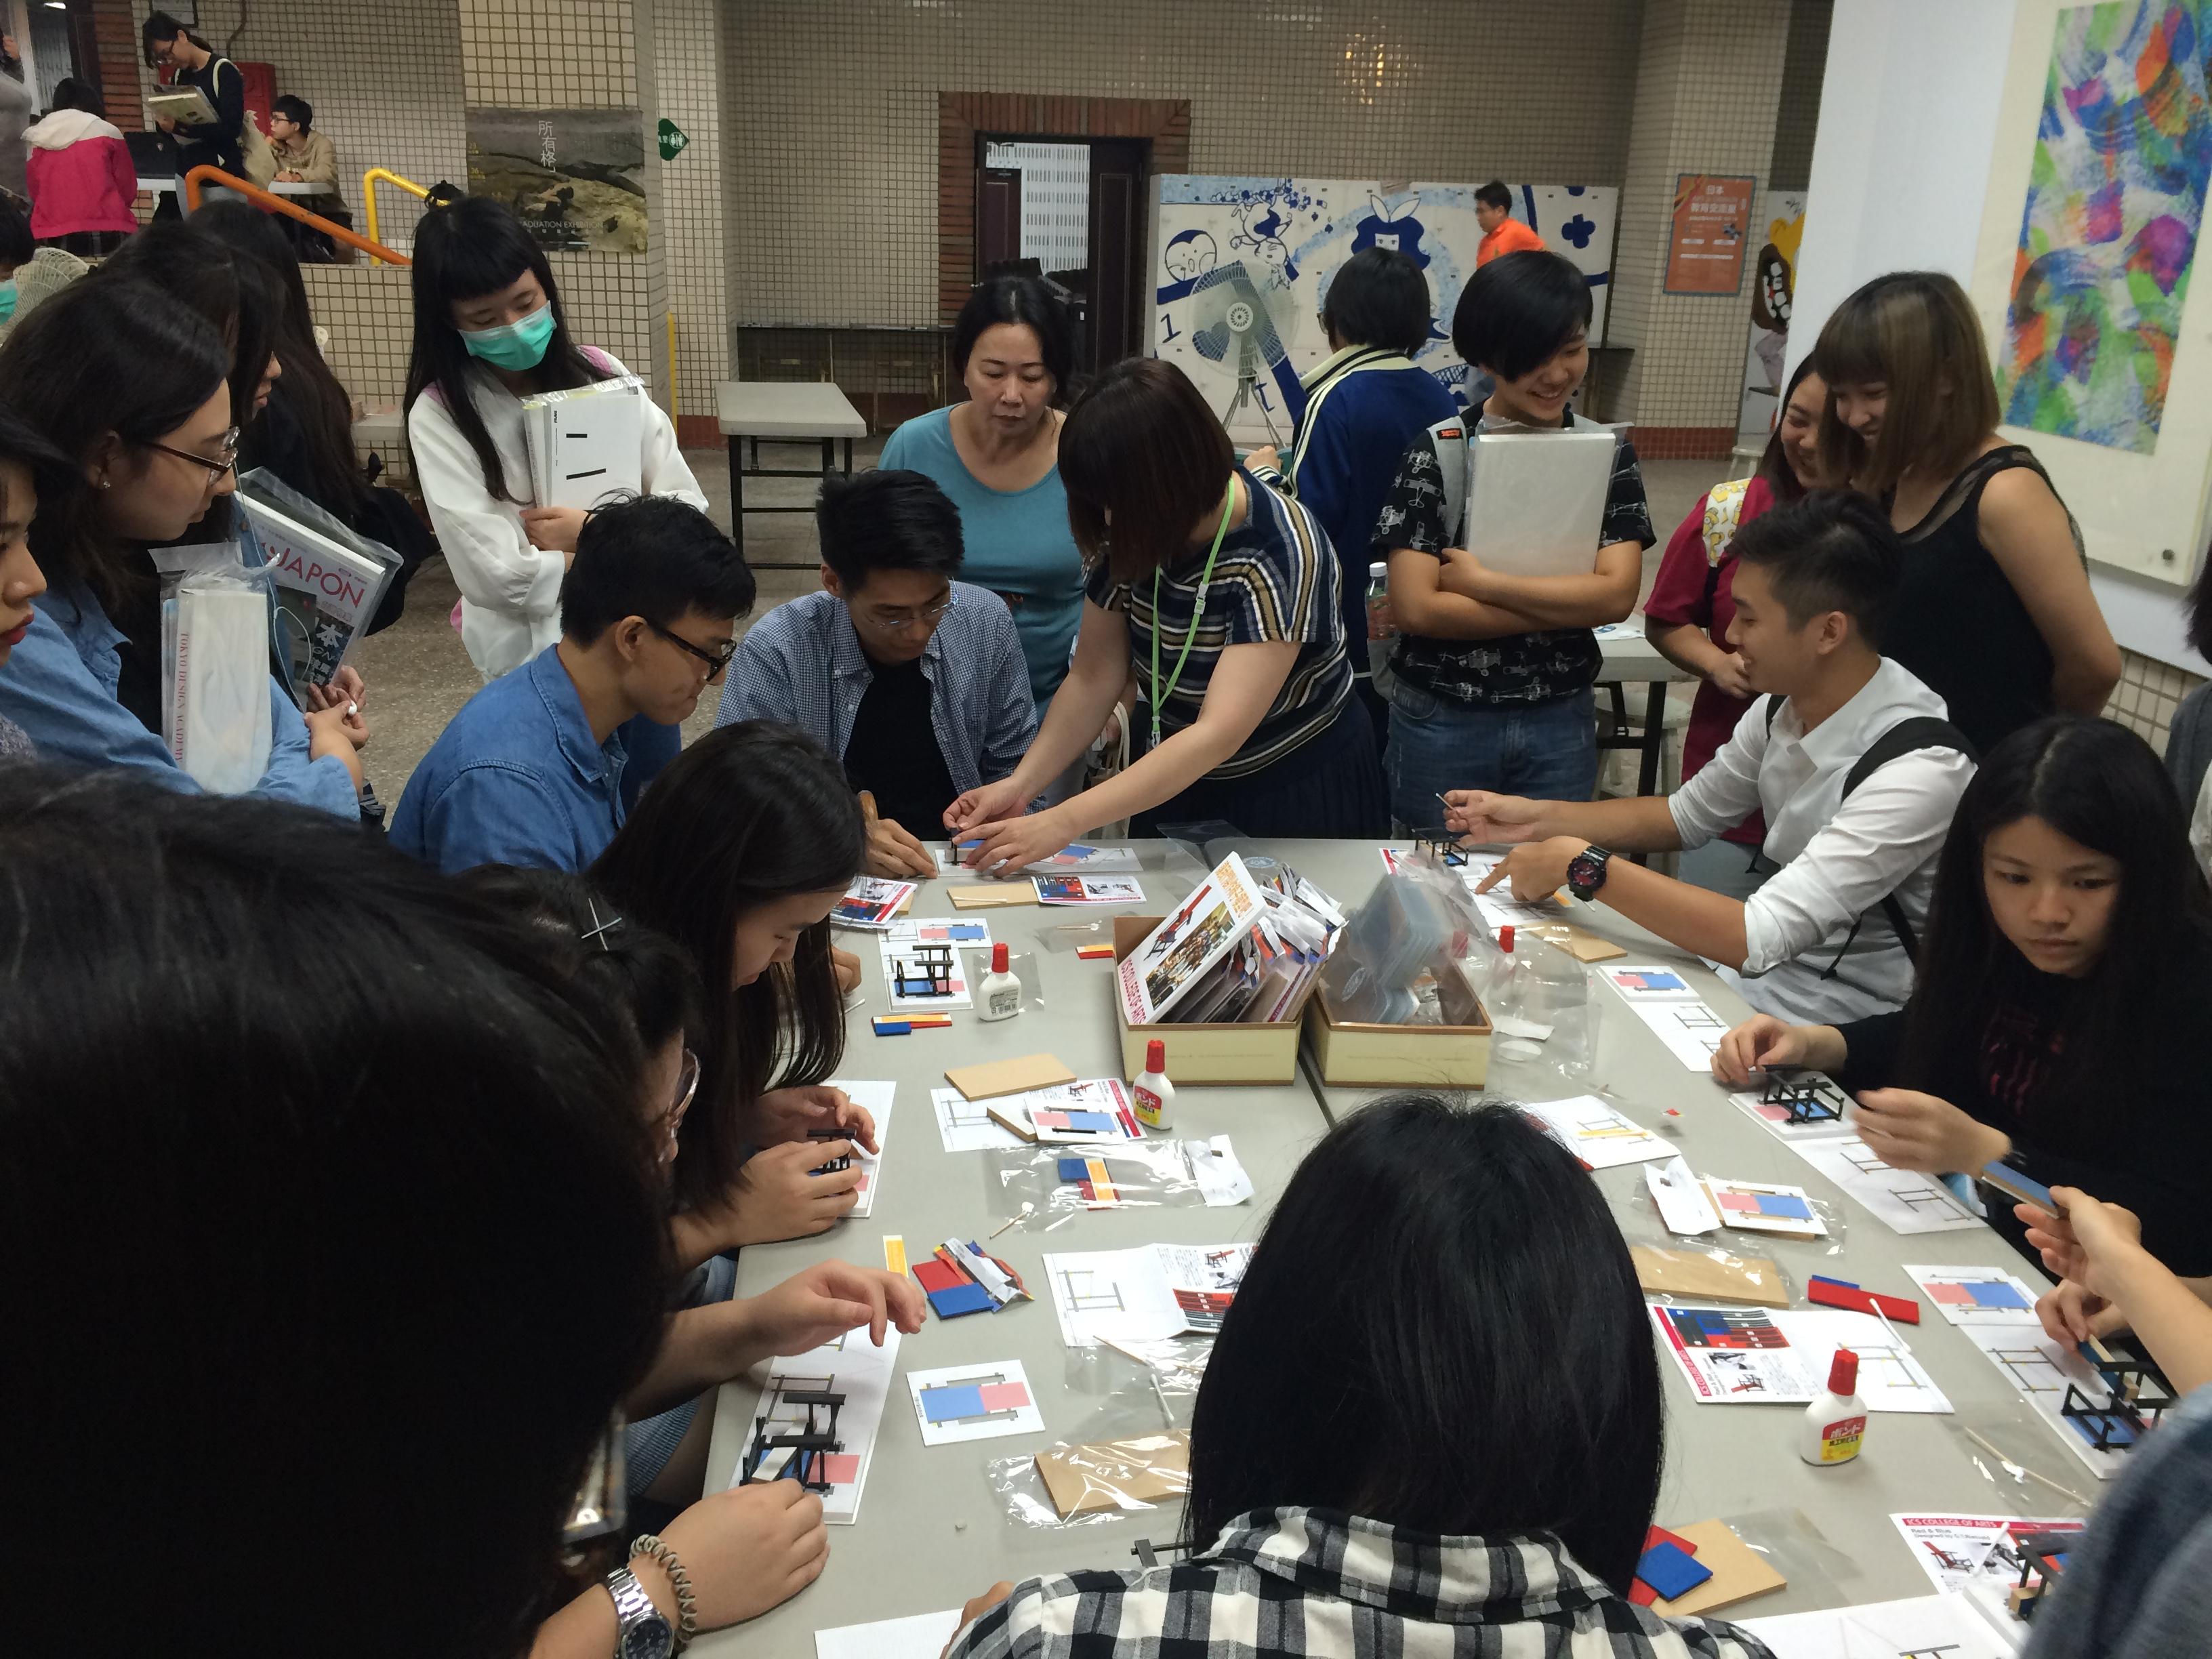 5月23日(火)24日(水)に、台湾の『日本ART & DESIGN教育交流展in台灣2017』に出展!